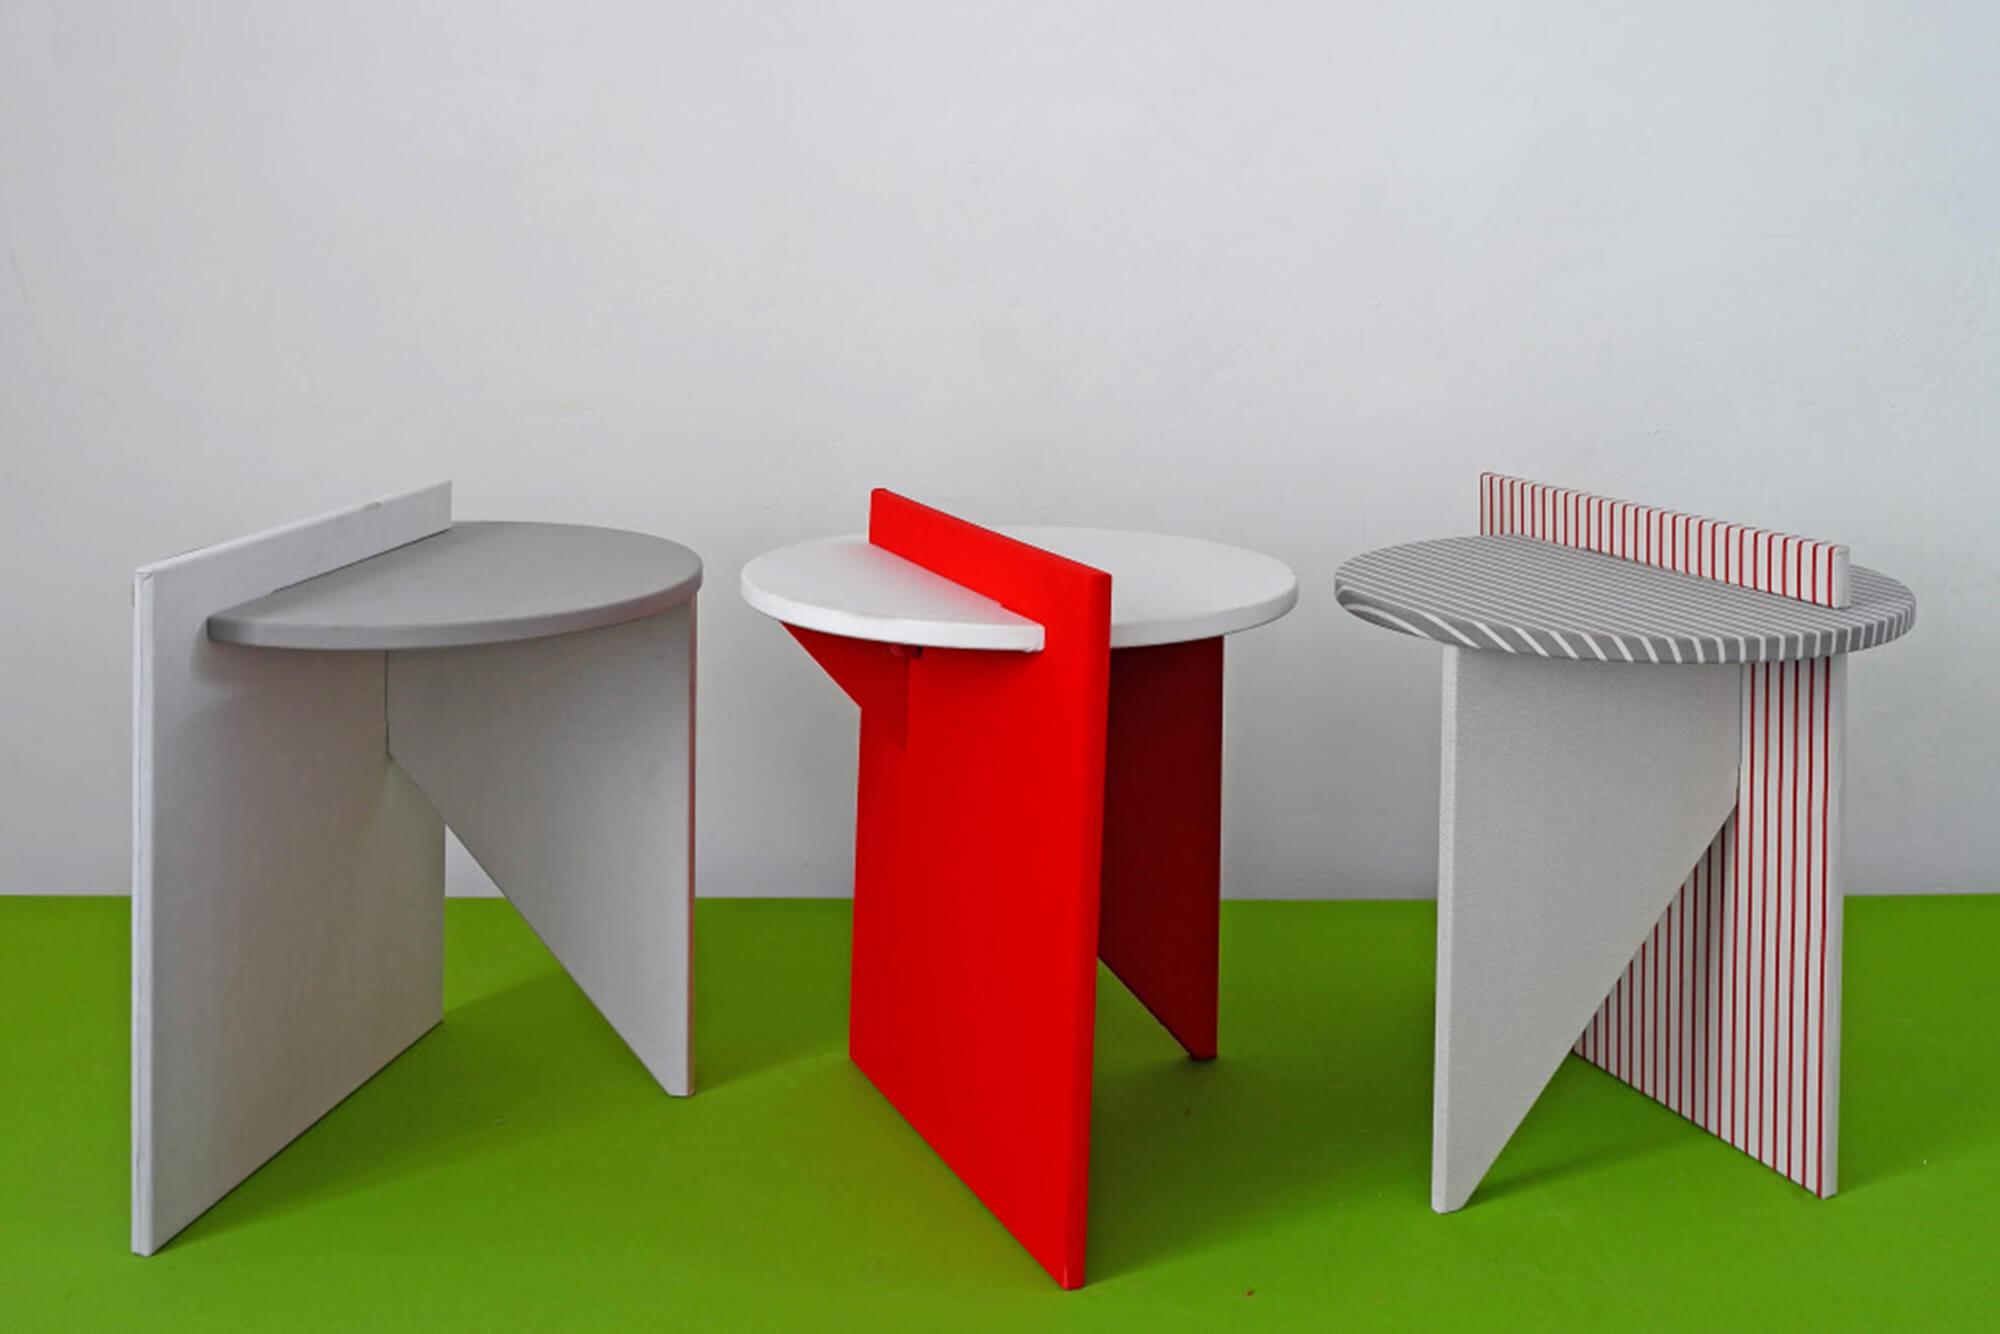 Mesas laterales de Atelier Lavit en color rojo y blanco